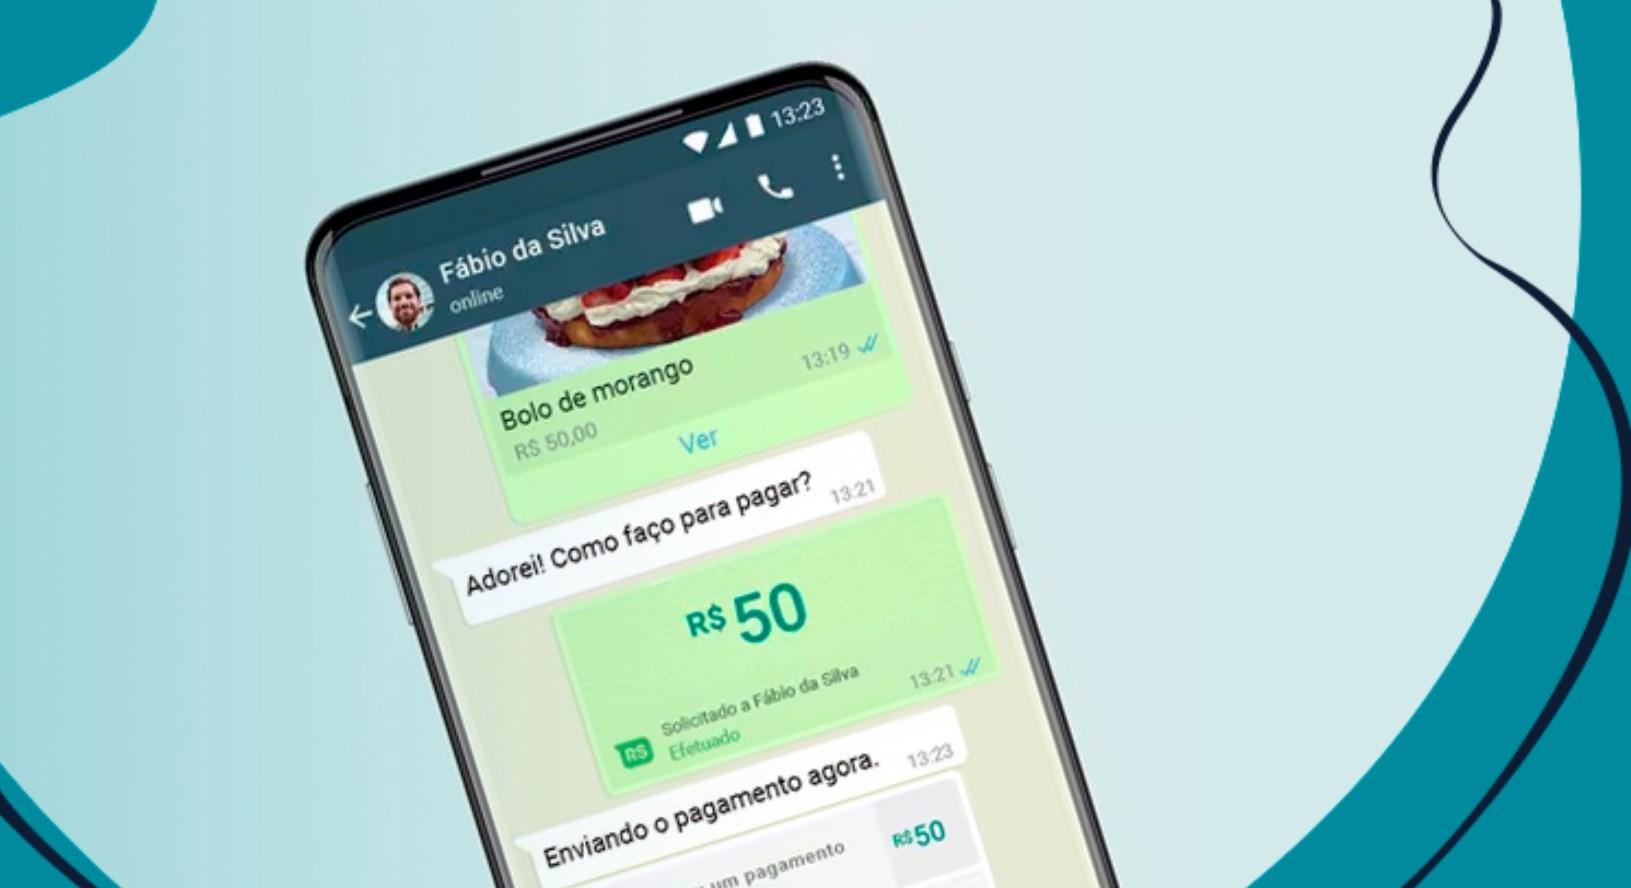 Pagamentos no WhatsApp: entenda segurança e privacidade na ferramenta